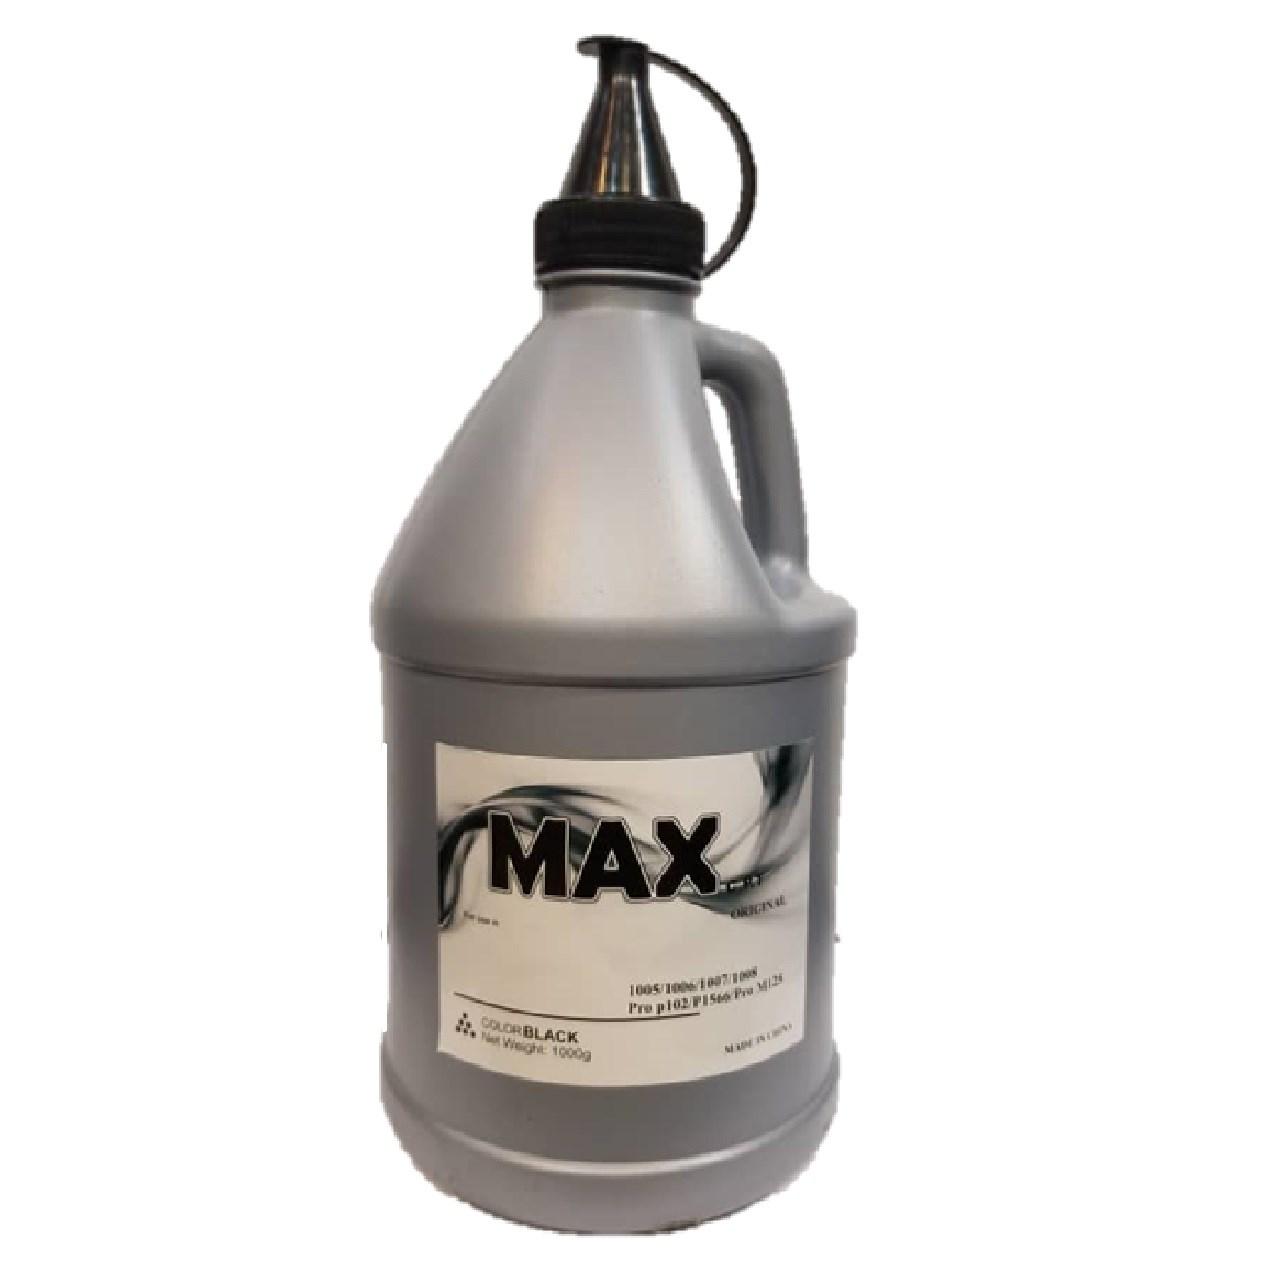 پودر شارژ مشکی 1000 گرمی مکس سی.پی.تی مدل 1005